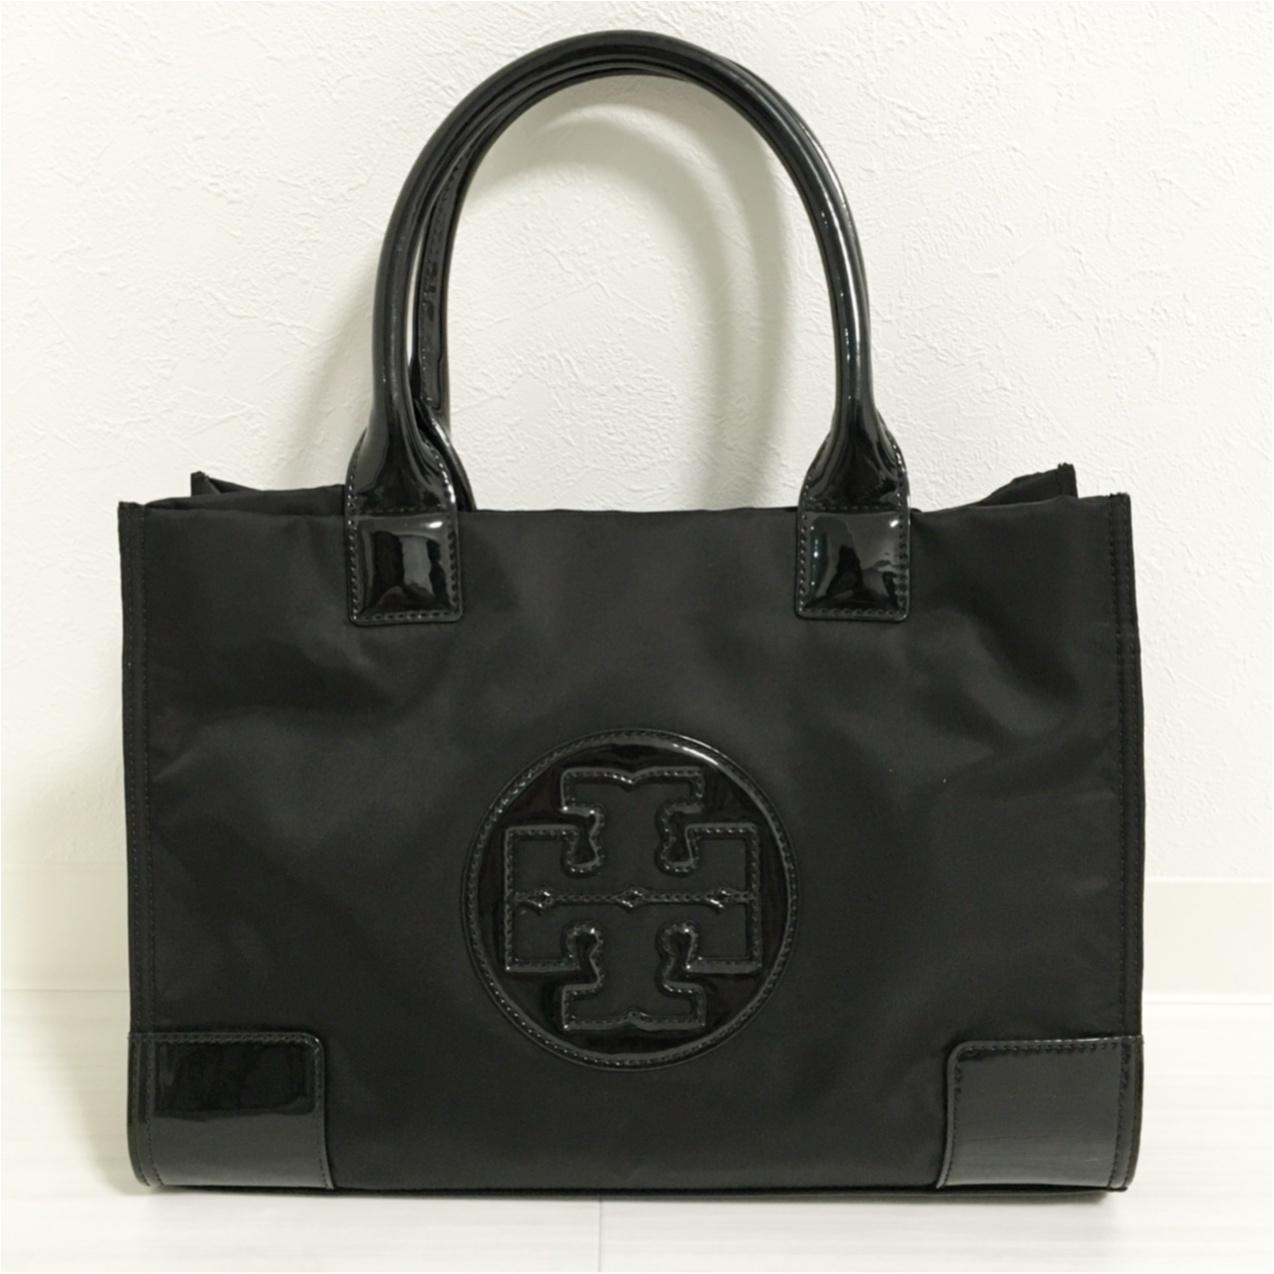 お仕事バッグ♡ シンプルでかわいいバッグ買っちゃいました ♡_2